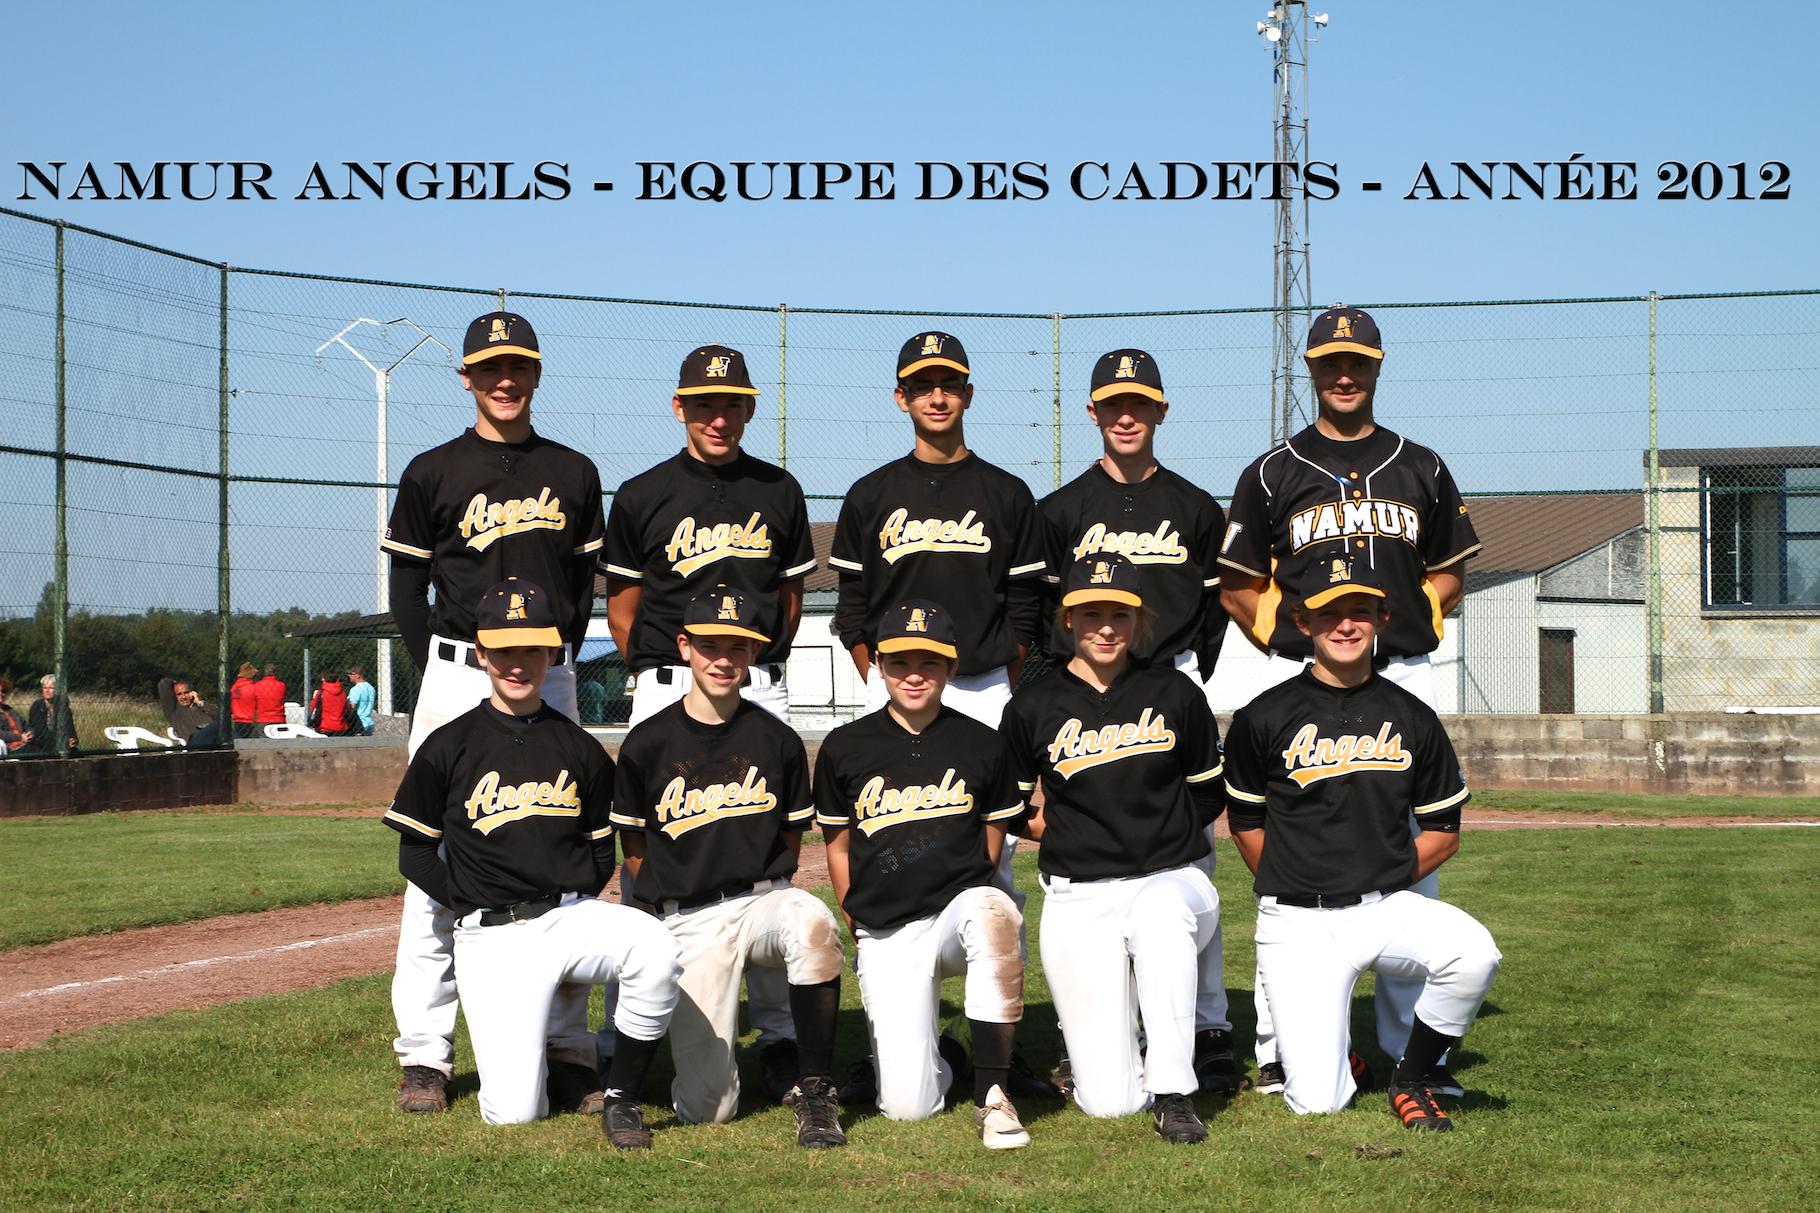 L'équipe de Cadets des Namur Angels